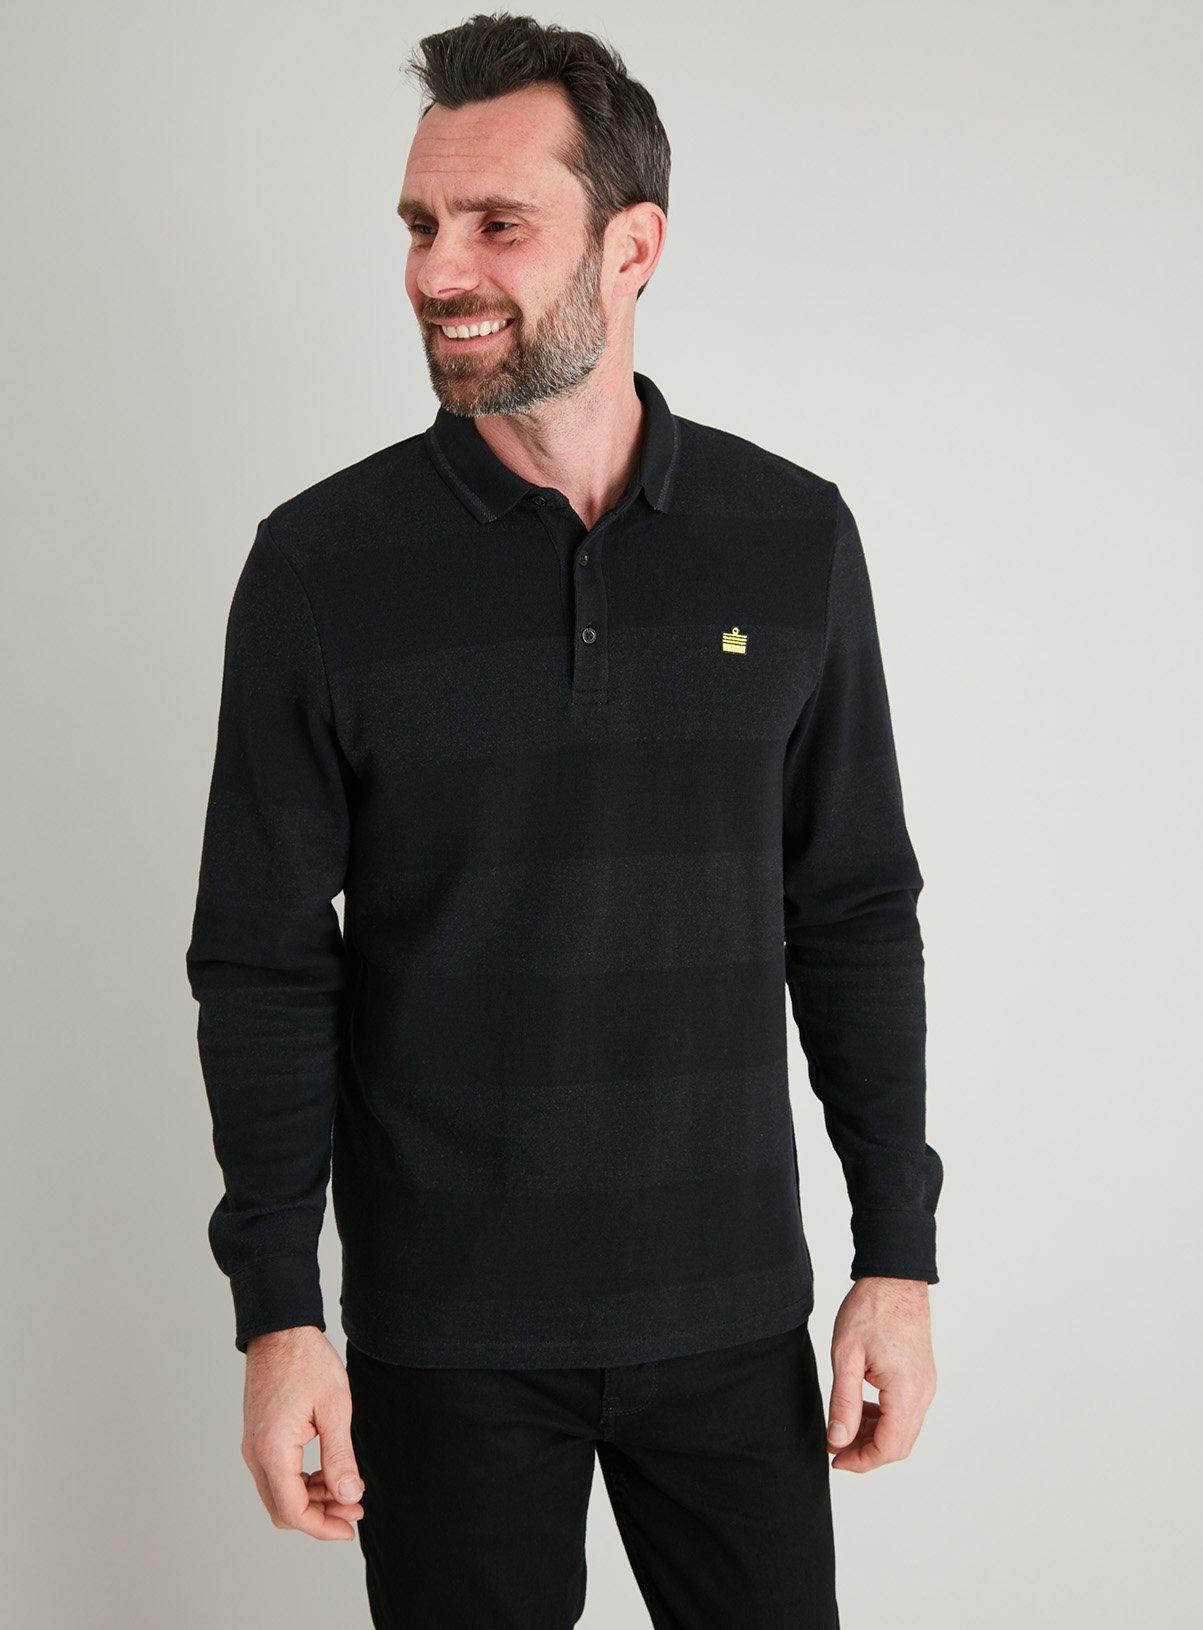 Admiral Black Long Sleeve Polo Shirt for £10 click & collect @ Argos